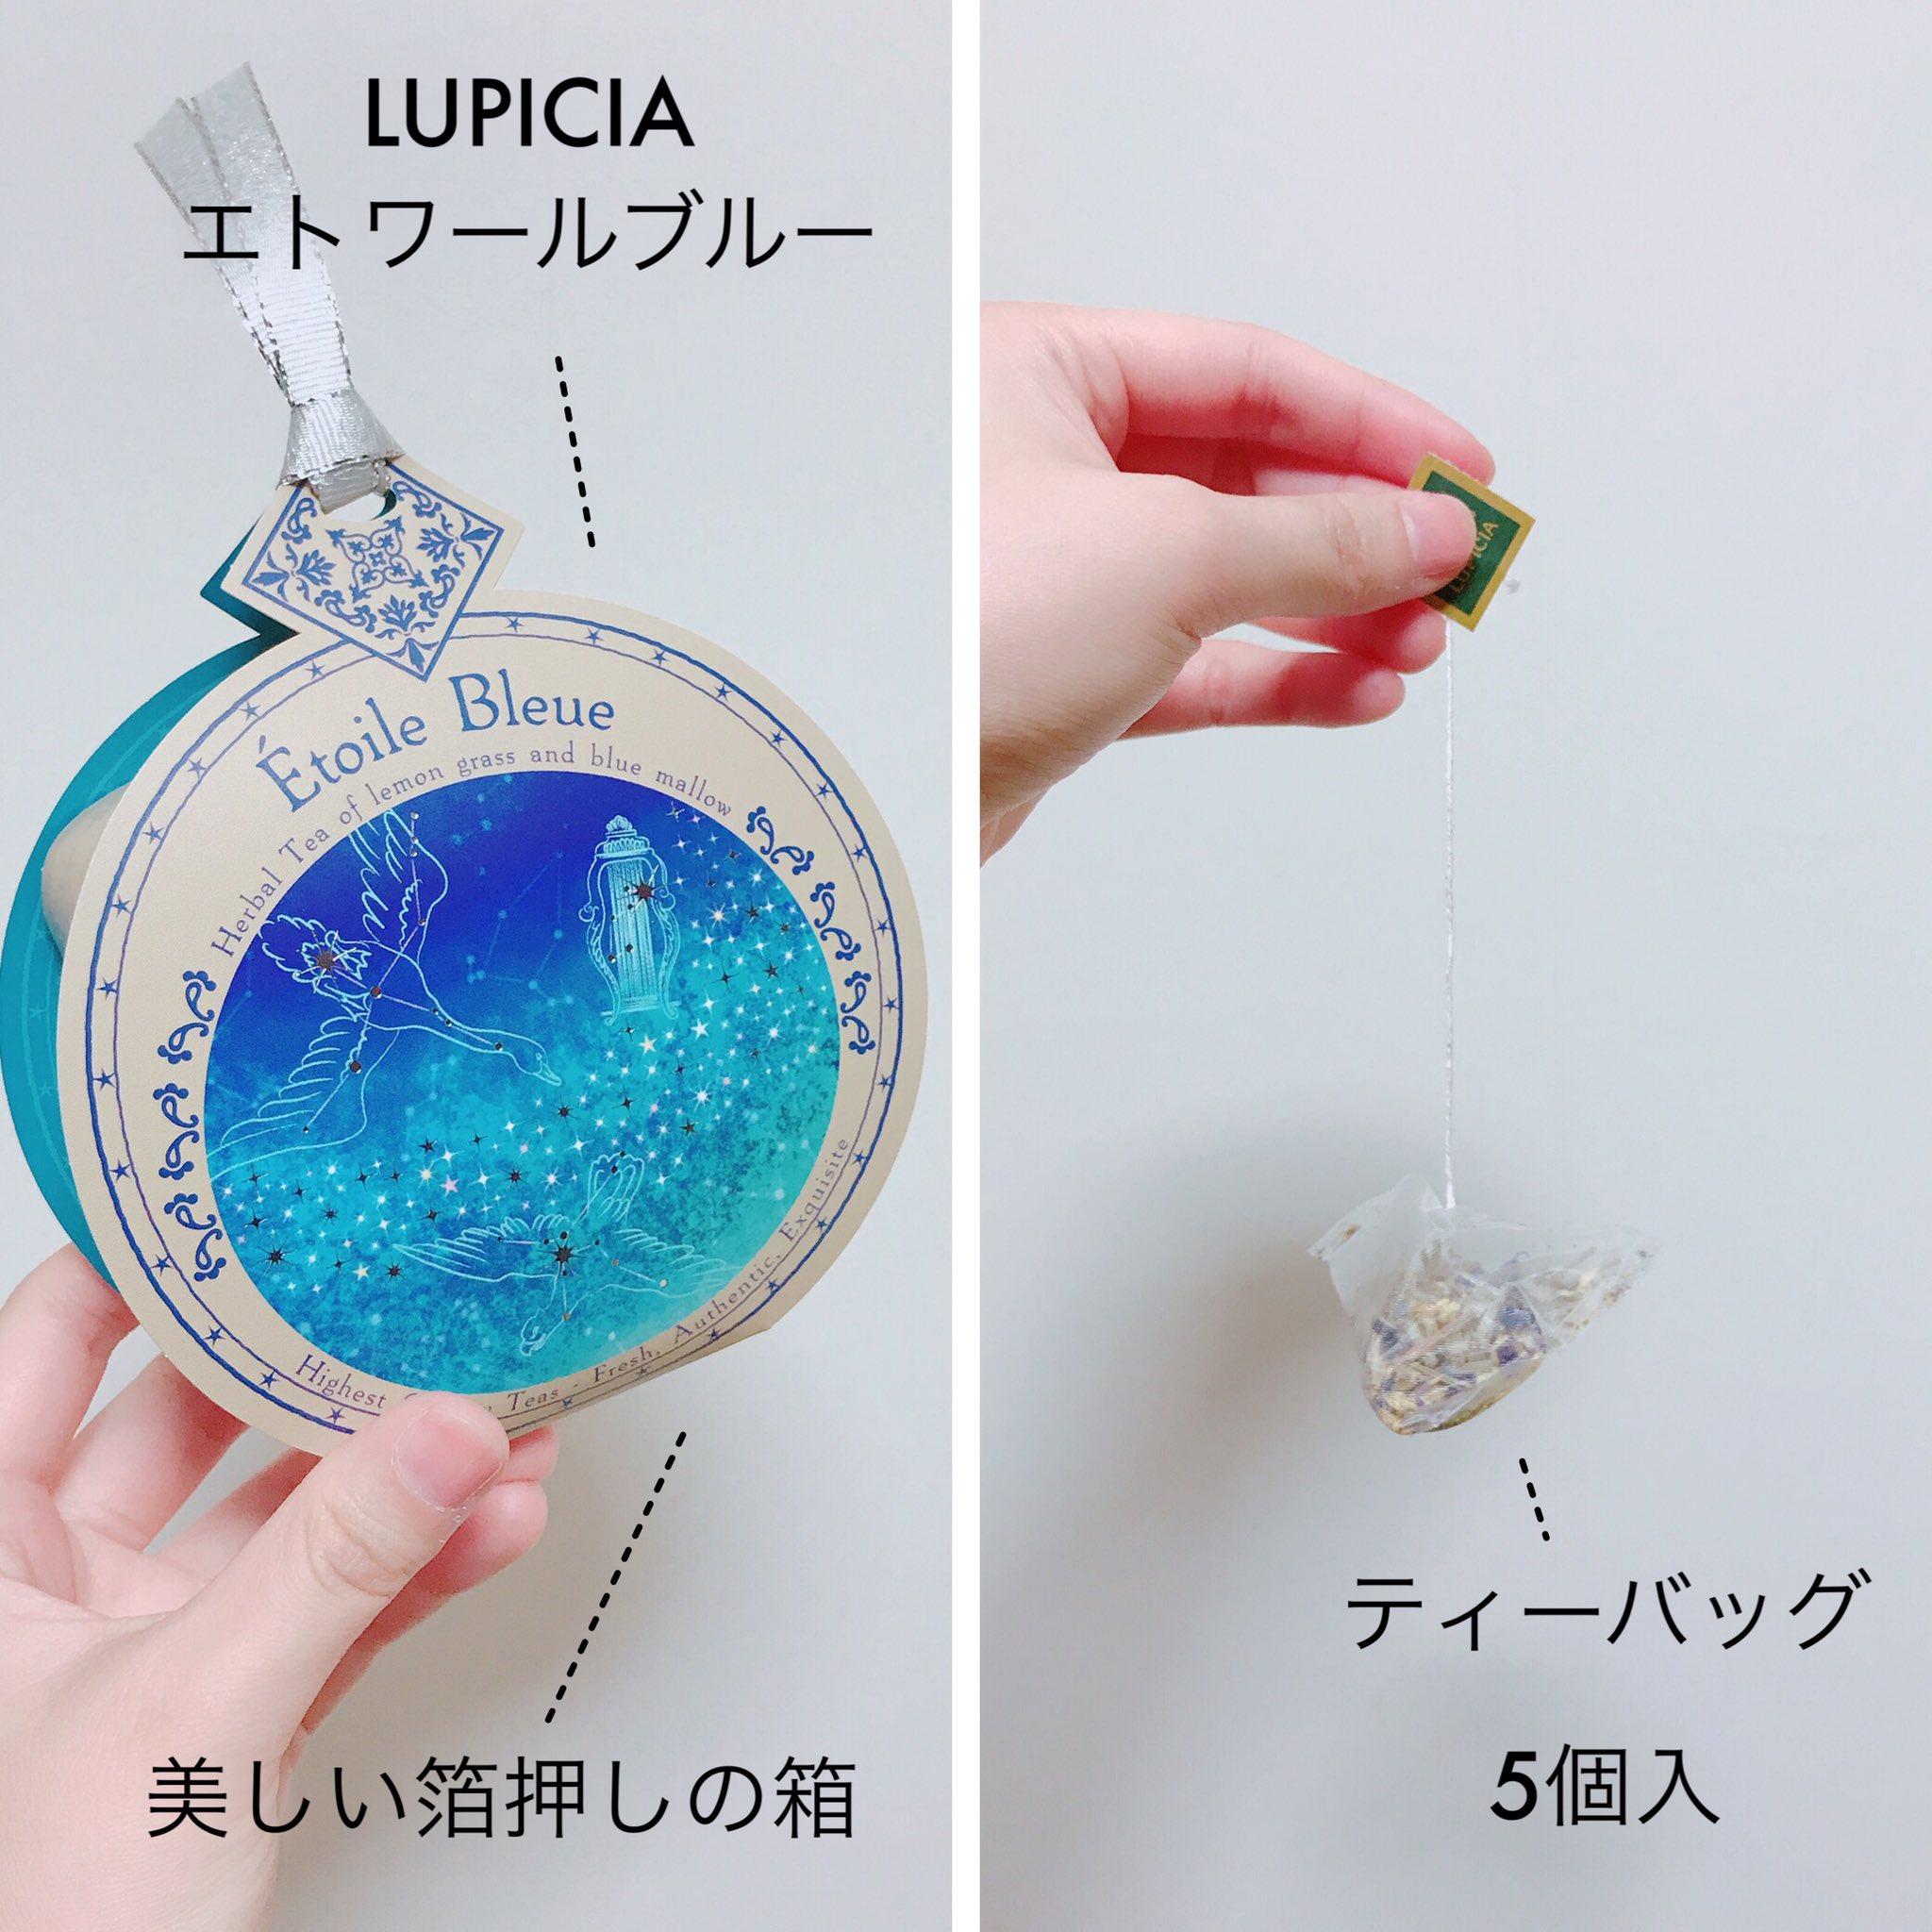 LUPICIA エトワールブルー 可愛いにステータスを全振りした青いお茶。お茶界のエンターティナー。なんせ色がこれだけ変わる。これにはテンションも爆上がり。レモングラスブレンドで飲み口爽やか。お湯で入れると、色が一瞬で水色から黄色に変化しちゃったので色を長く楽しみたい方は水出しがいいかな